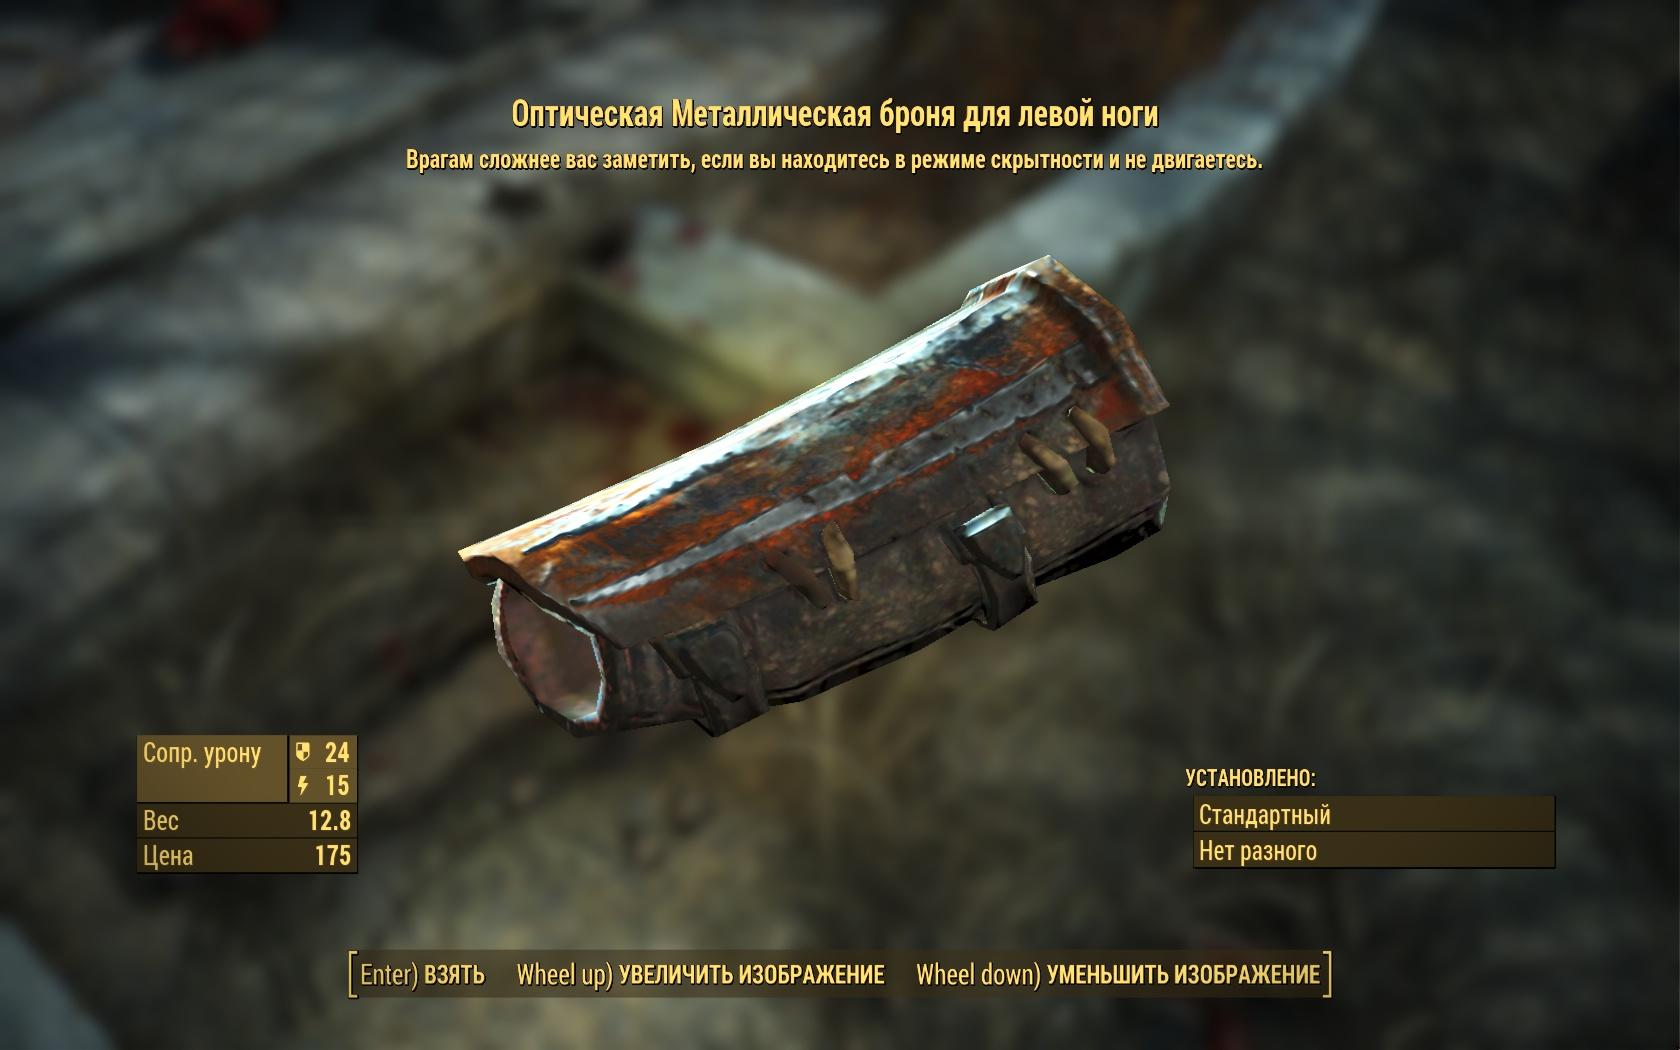 Оптическая металлическая броня для левой ноги - Fallout 4 броня, металлическая, Одежда, Оптическая